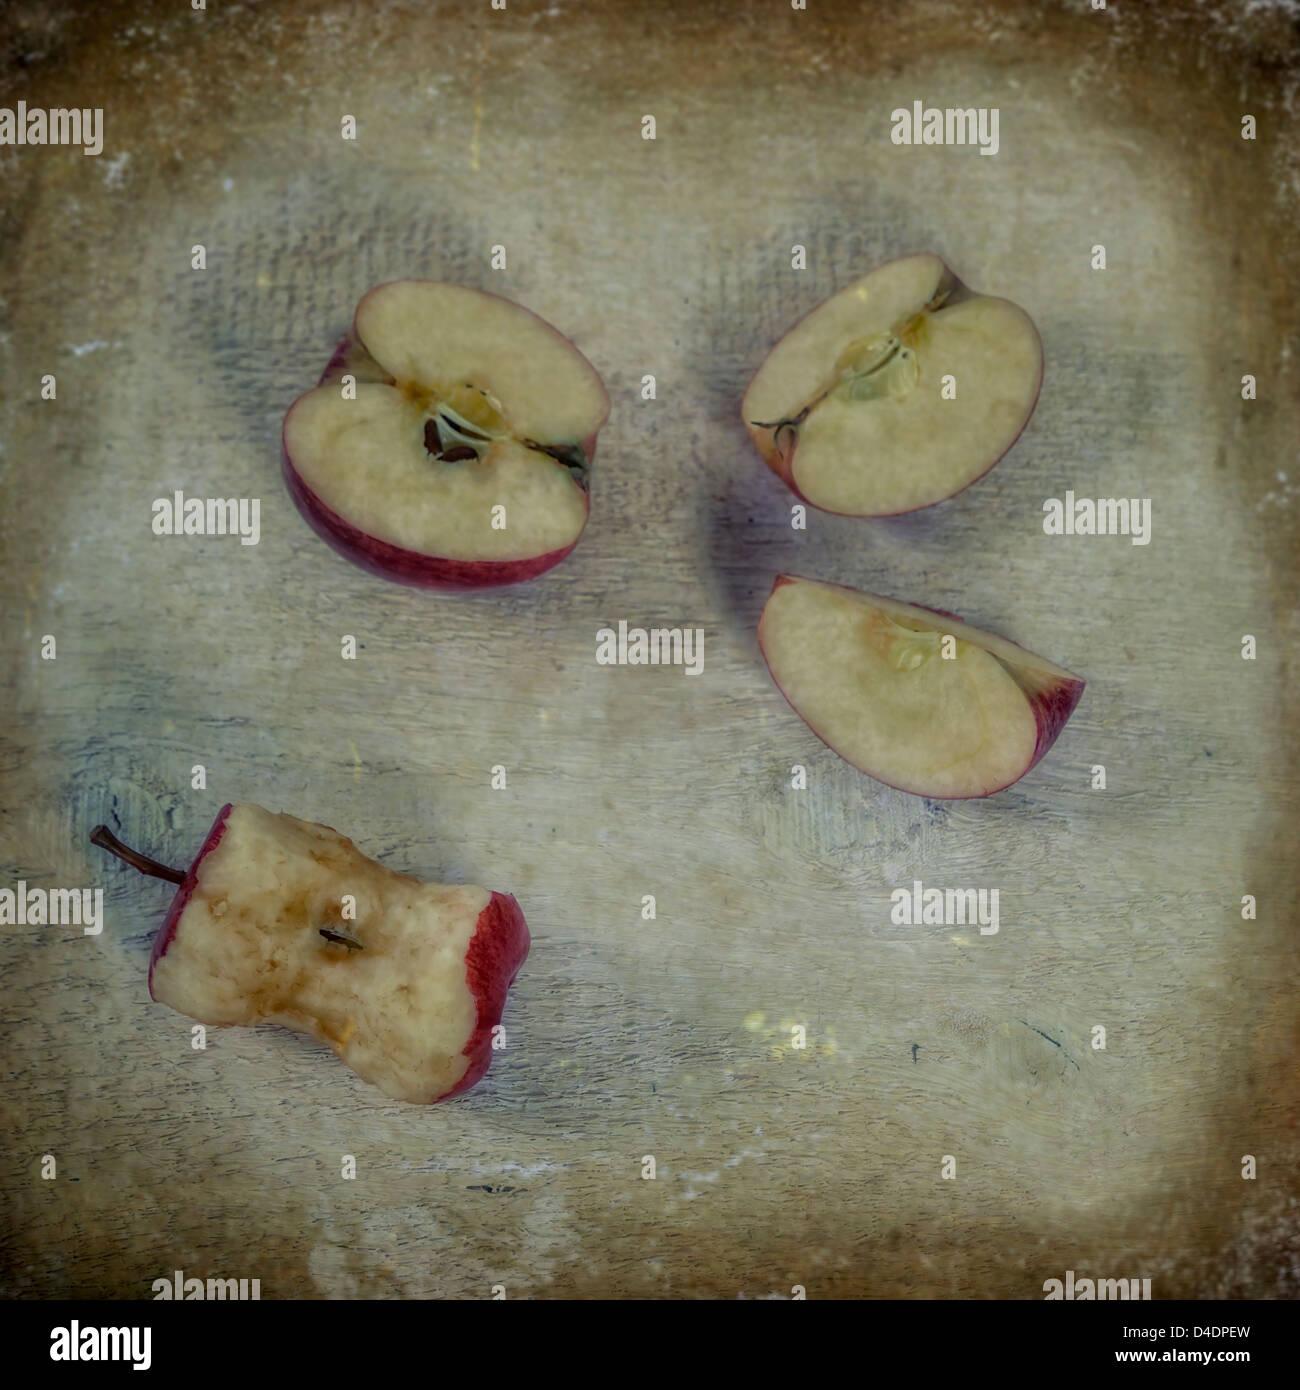 Un apple, tagliato in tre pezzi e un mezzo mangiato apple Immagini Stock